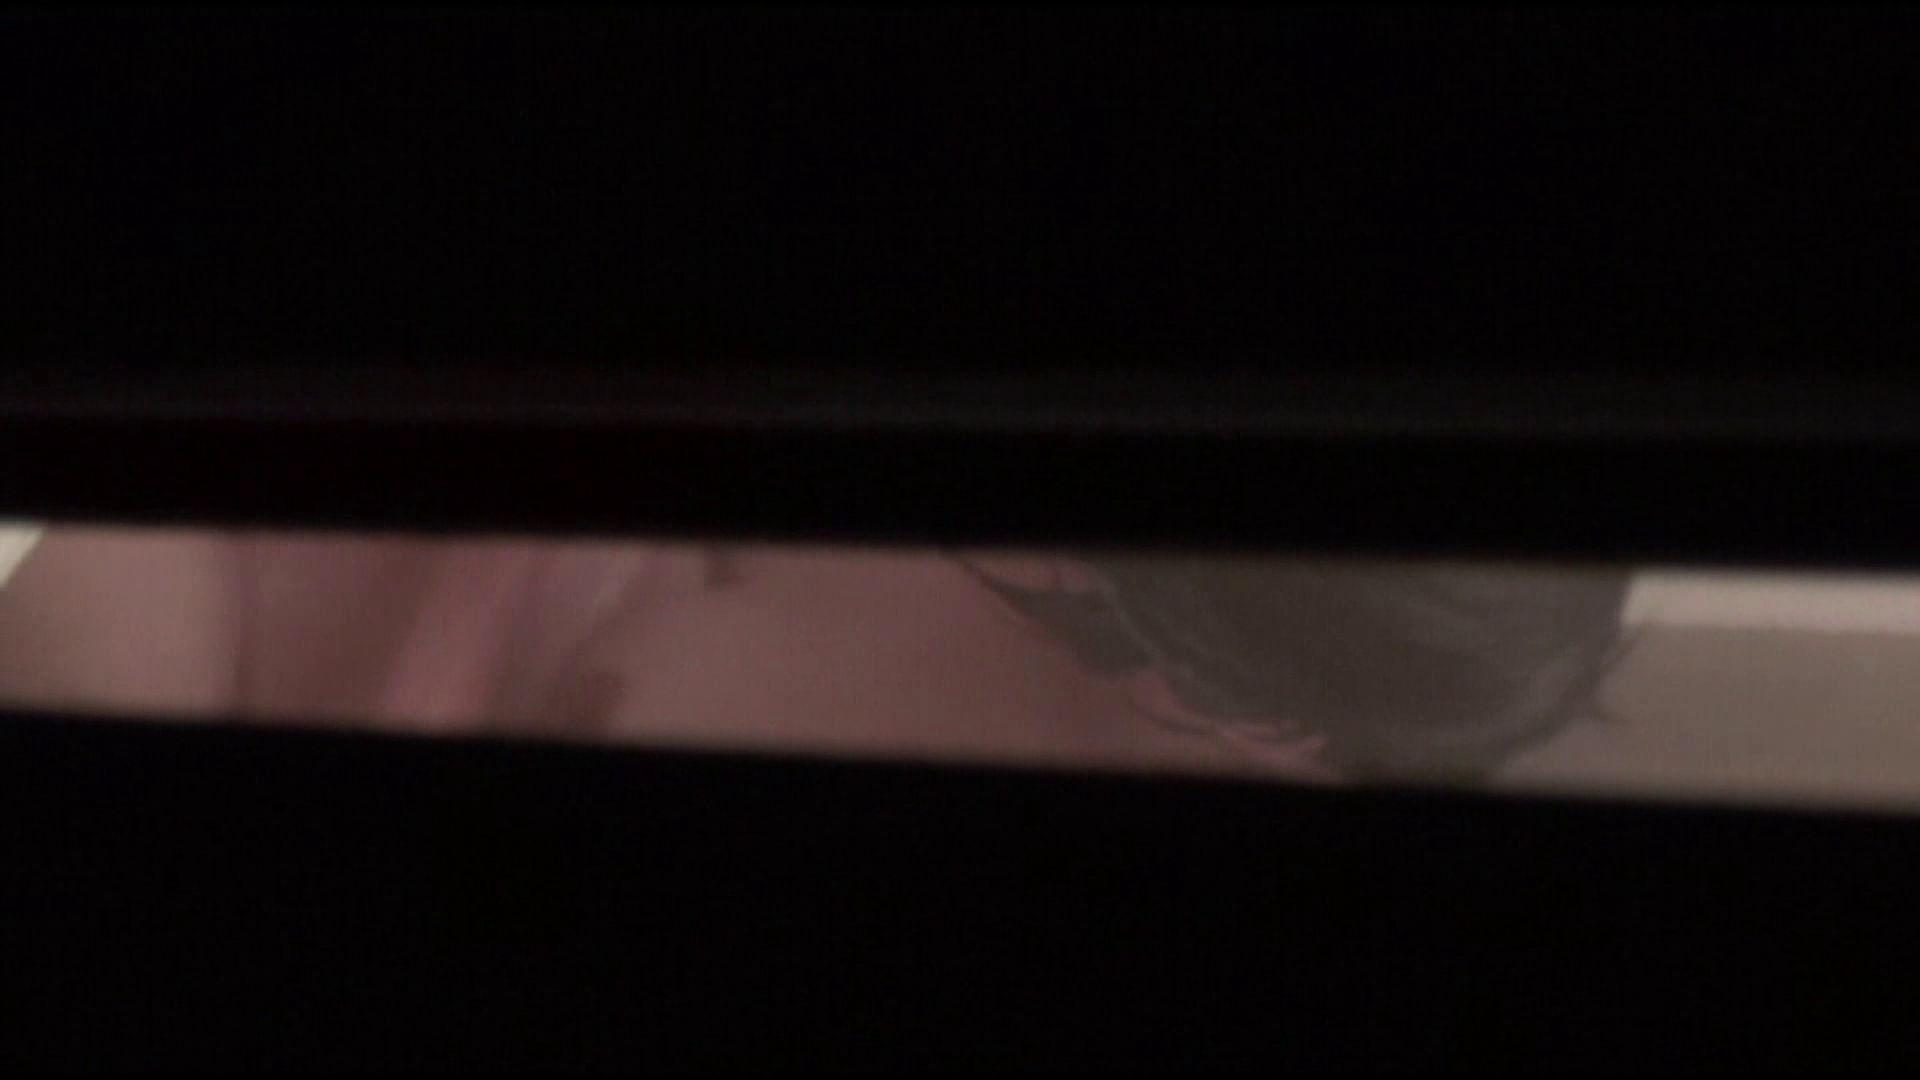 民家の騎士さんの最後の性戦ハイビジョン!!No.47 民家 オマンコ動画キャプチャ 91枚